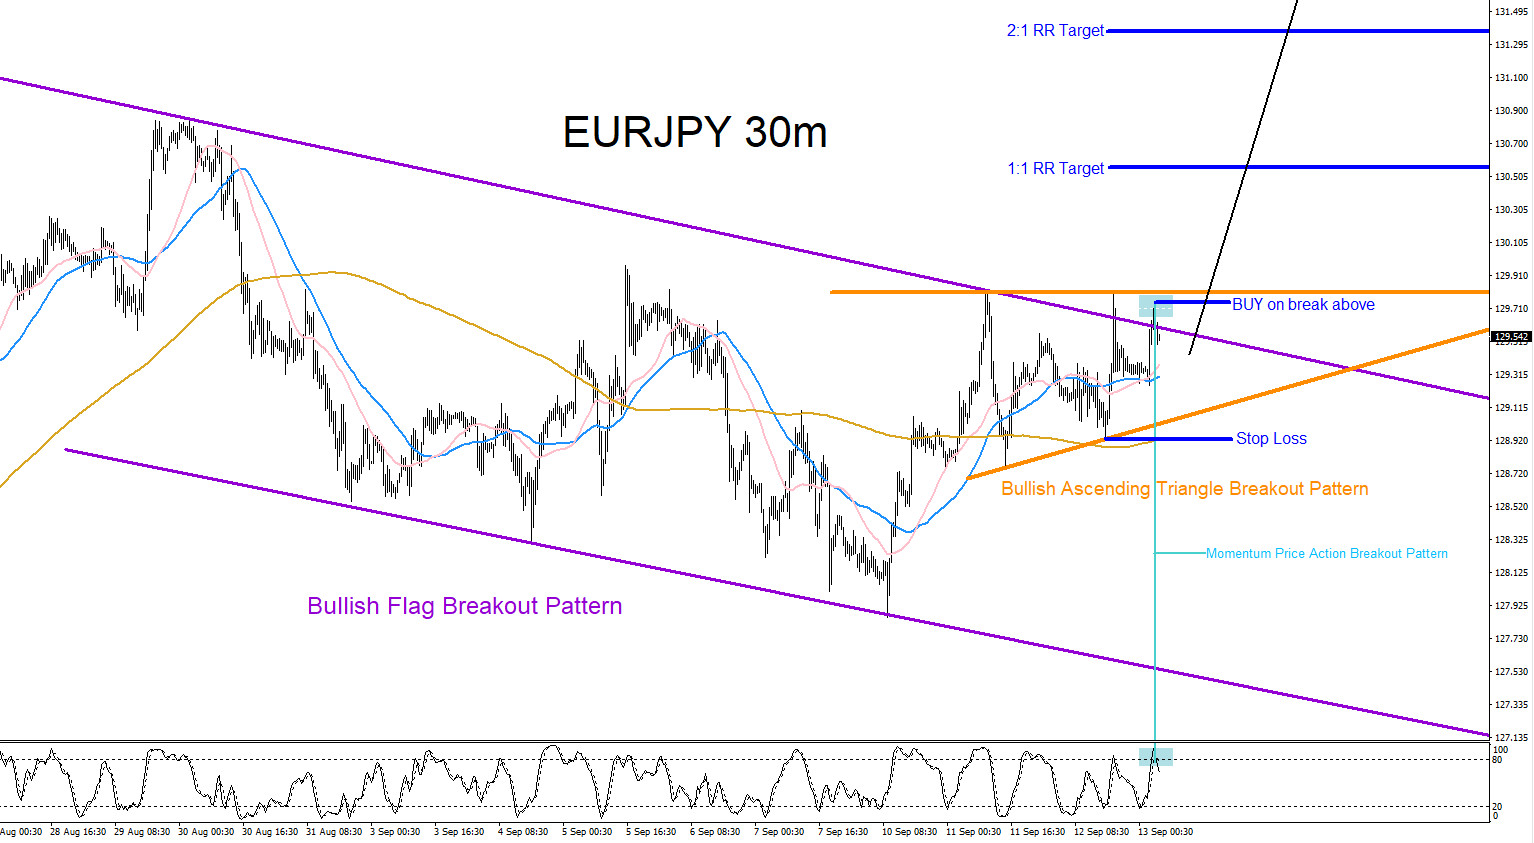 EURJPY : Trading Market Pattern Breakouts - cyprosoftware